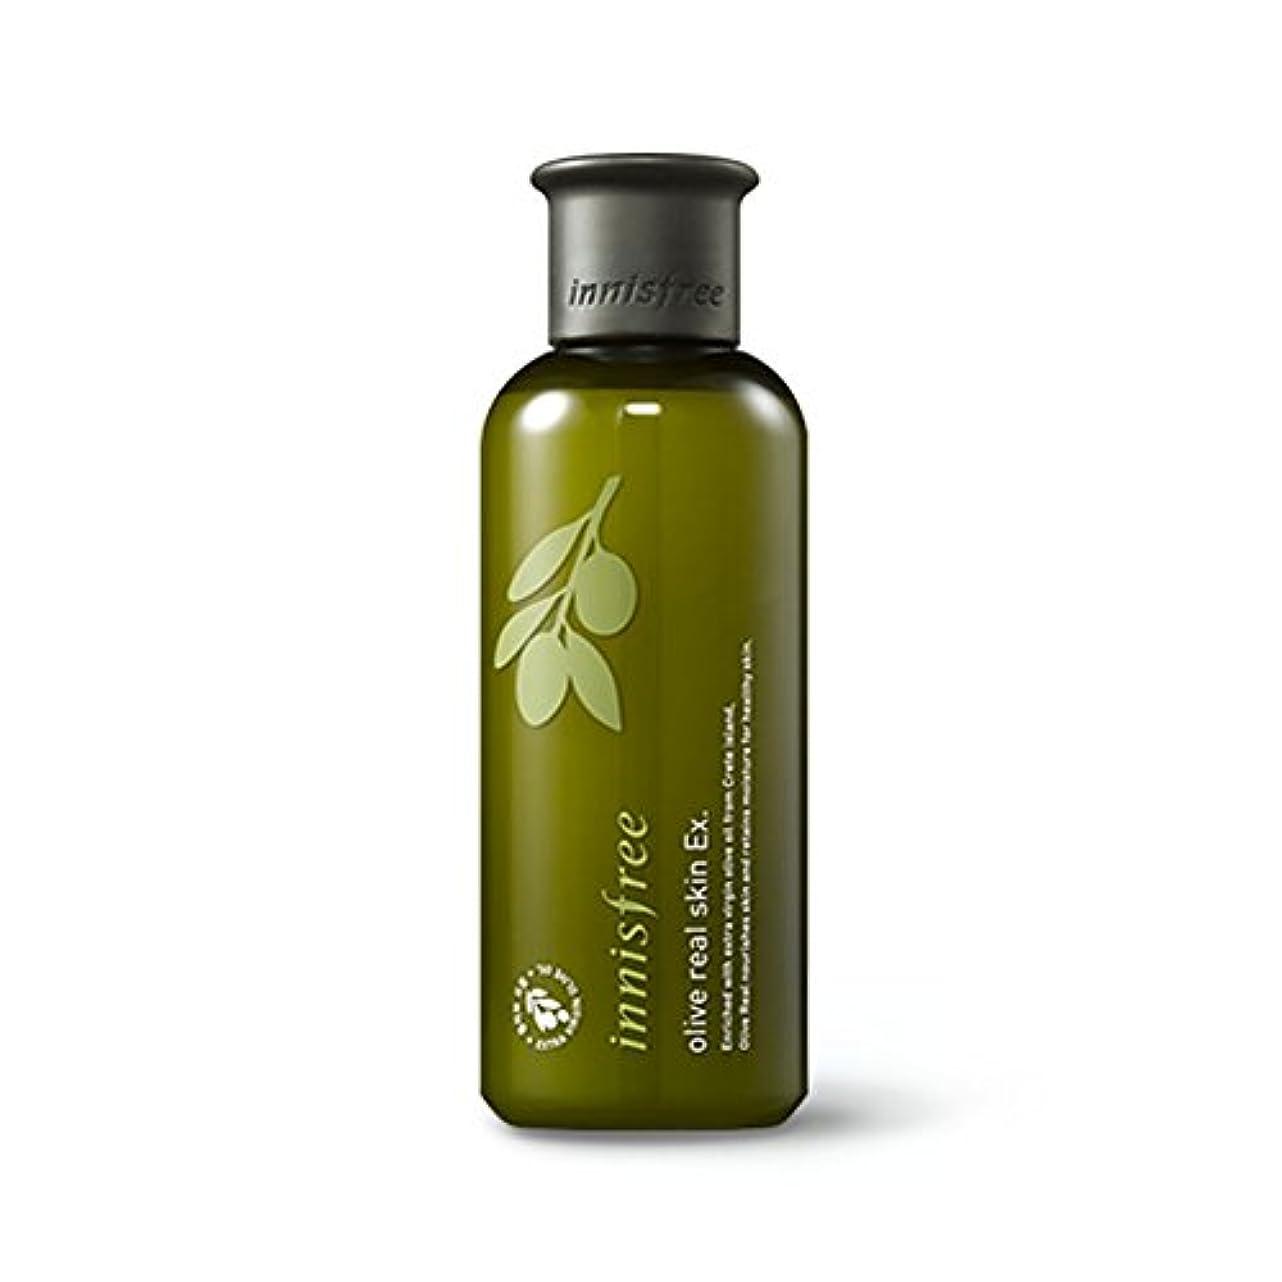 おばさん案件防止イニスフリーオリーブリアルスキン 200ml Innisfree Olive Real Skin Ex. 200ml [海外直送品][並行輸入品]